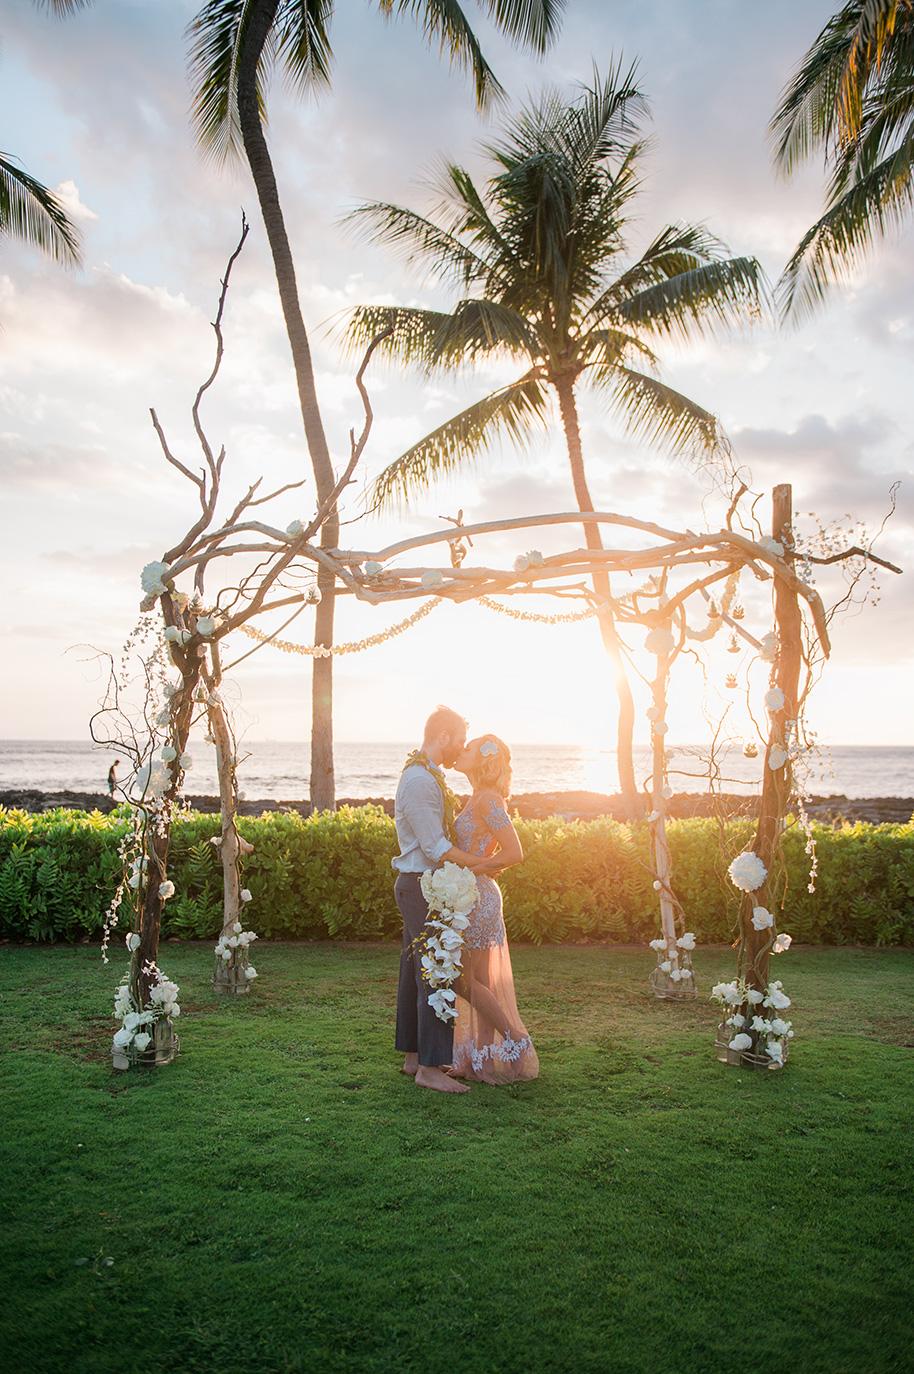 Lanikuhonua-Wedding-052316-21.jpg